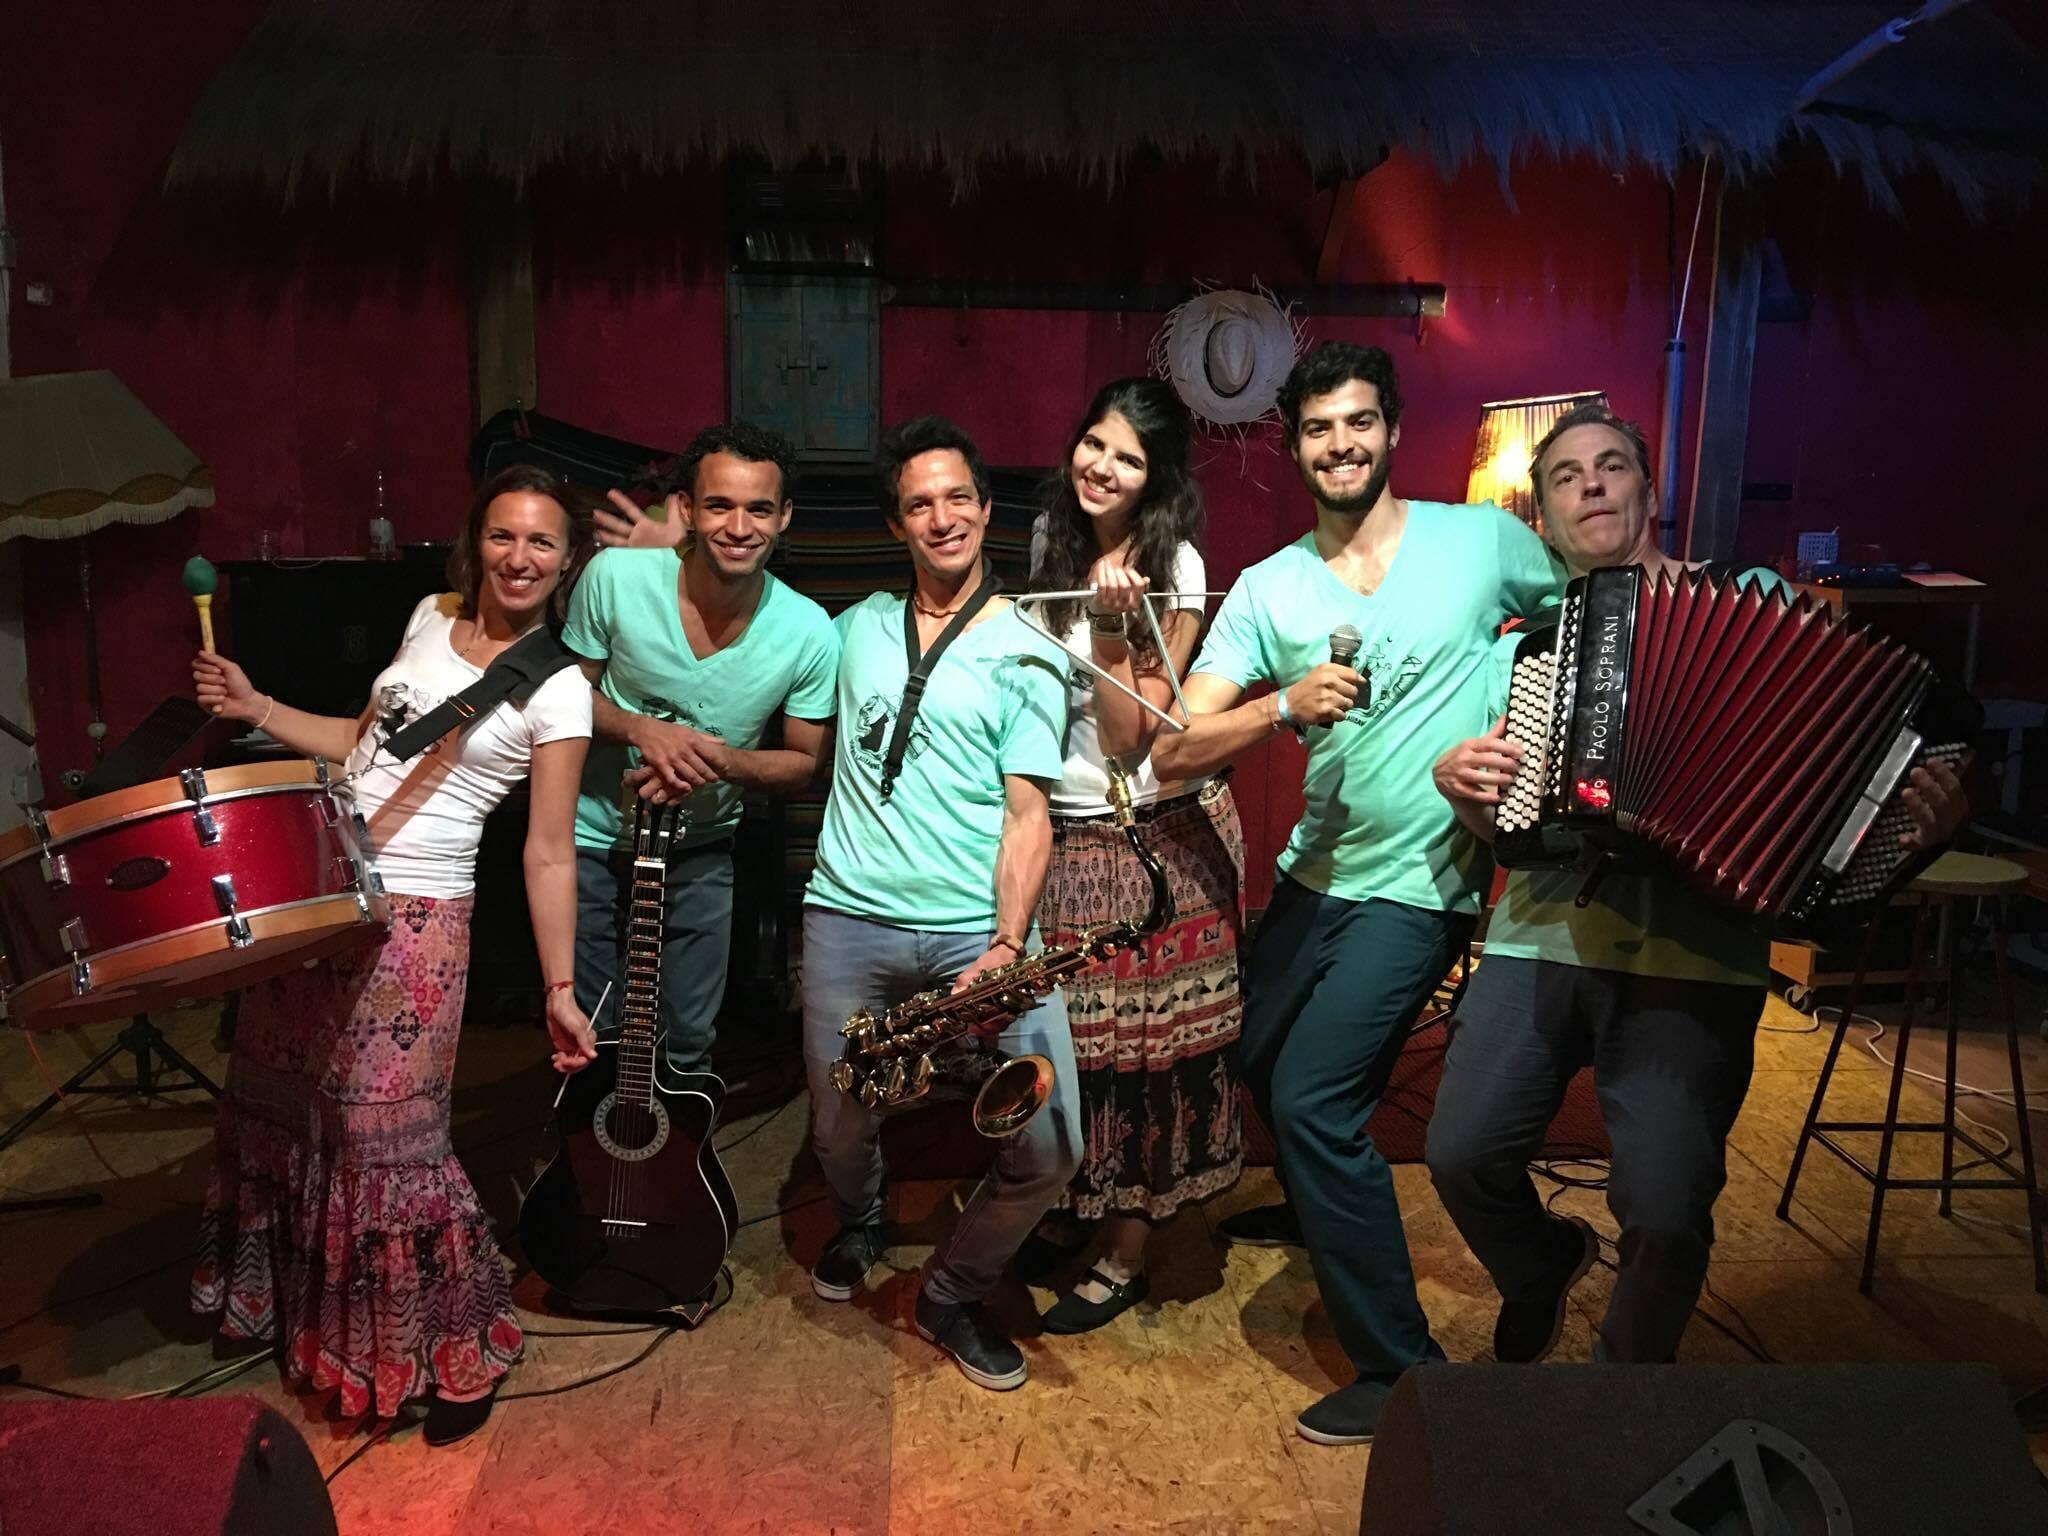 O grupo com a formação original. O amor pela música e pelo Brasil une todos eles.